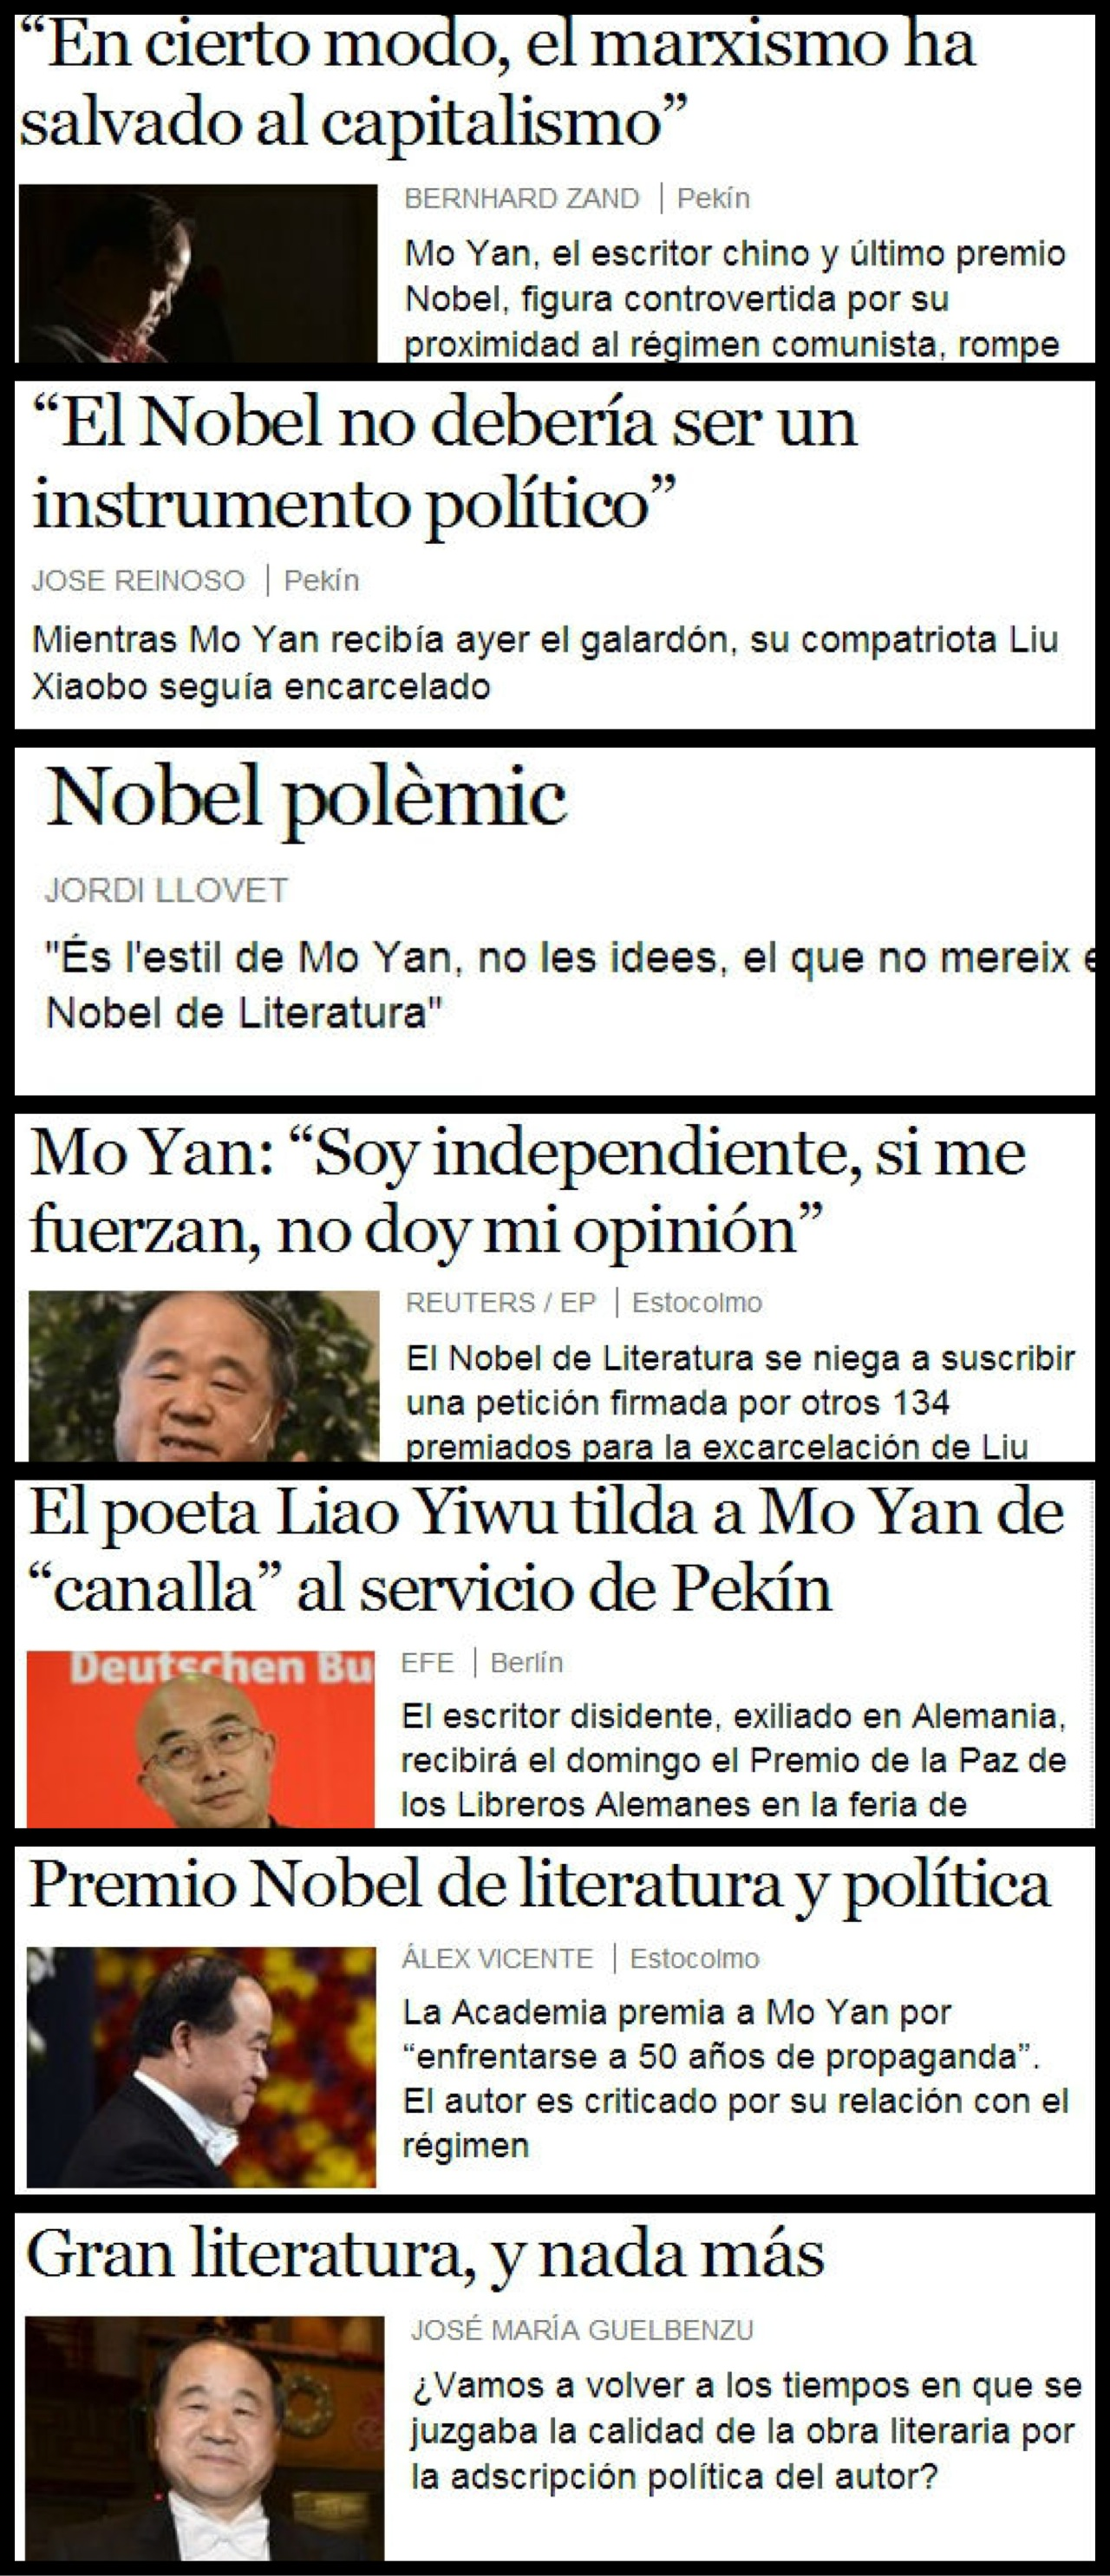 Diversas reacciones generó la entrega del Nobel a este escritor chino.